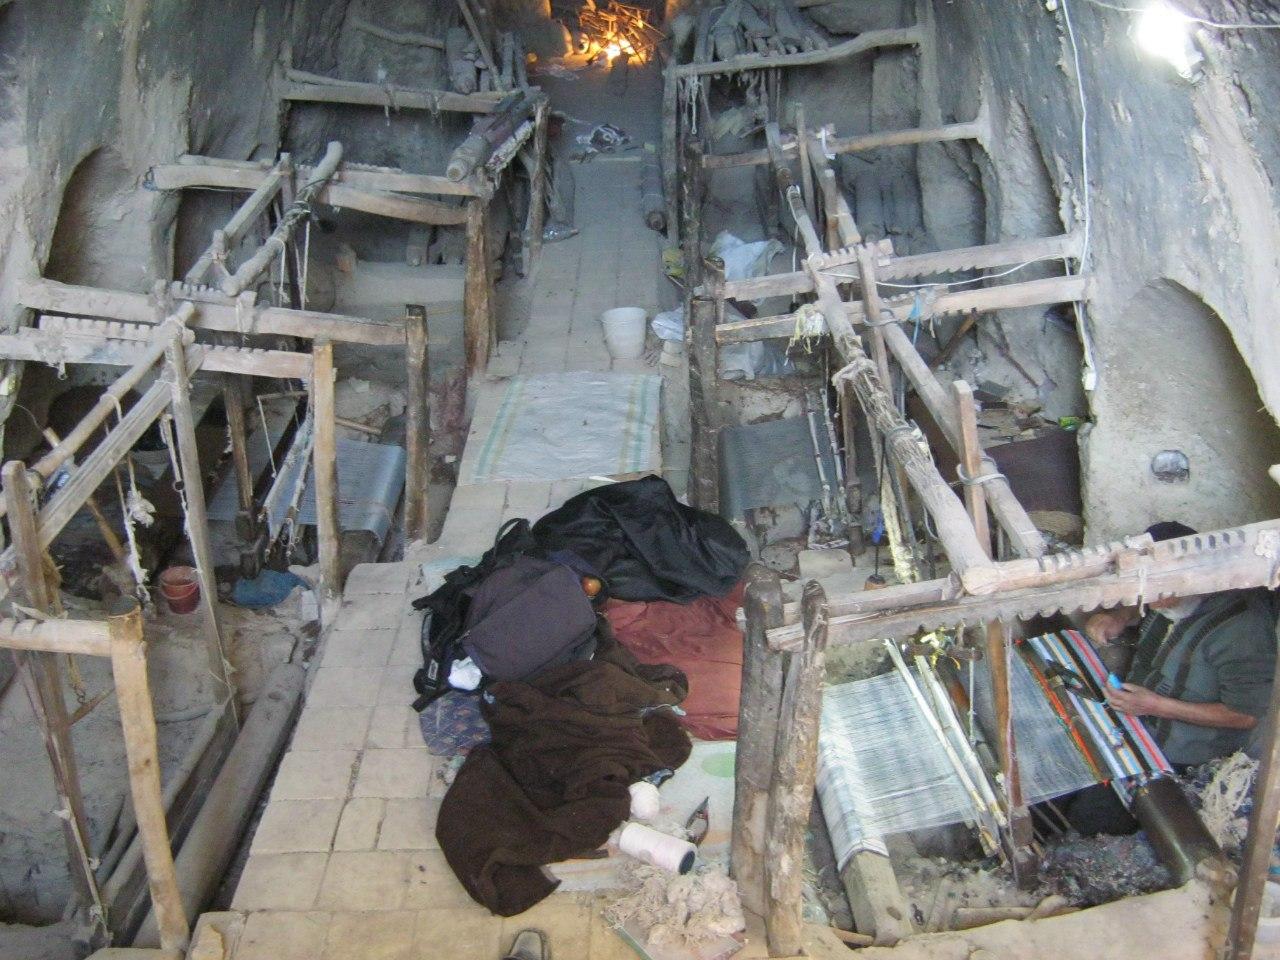 около Исфахана традиционно вручную ткут ковры